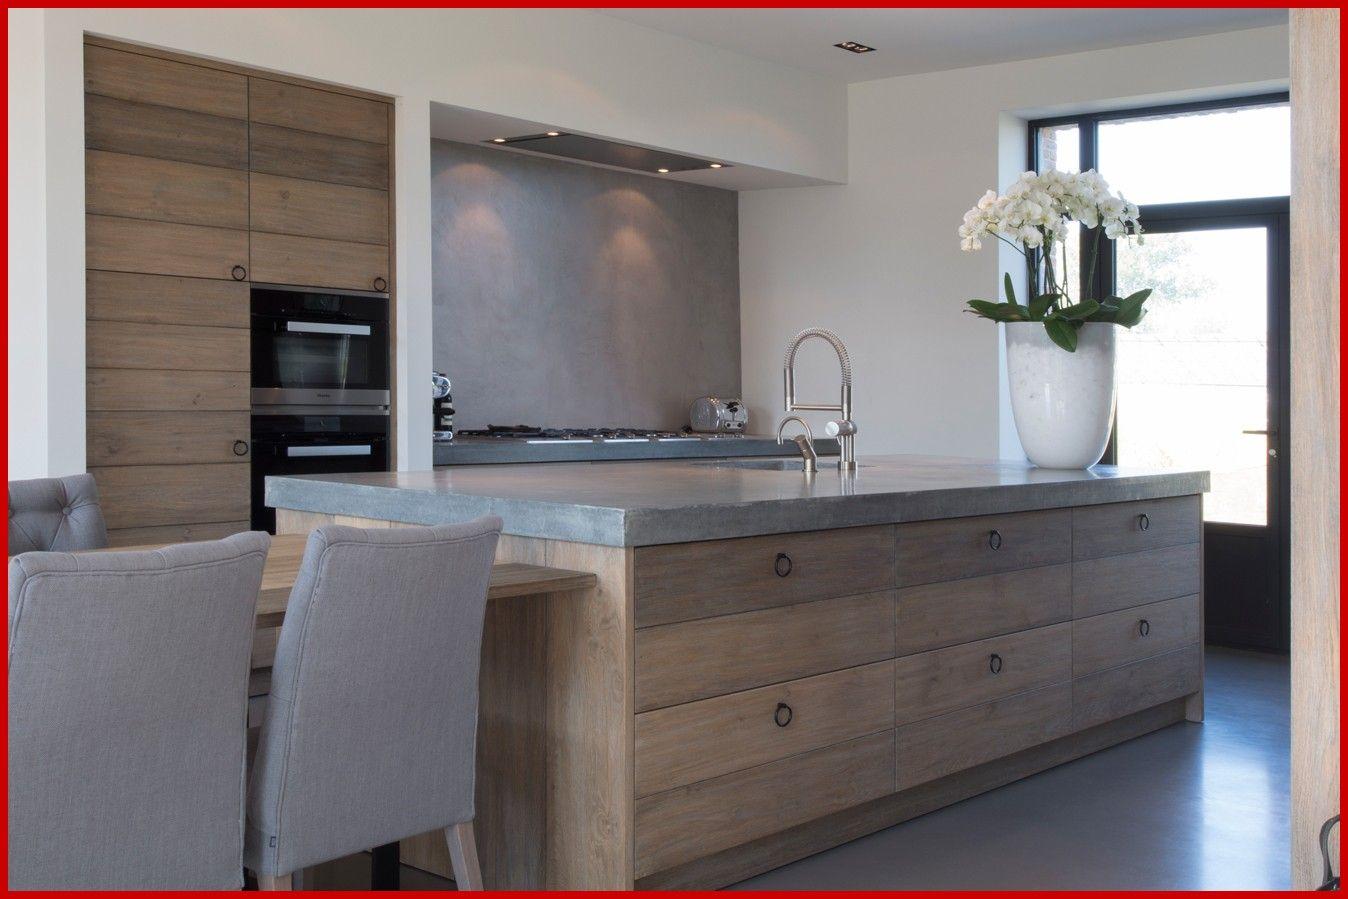 Beton Blad Keuken : Keuken beton blad 116186 kookeiland met betonnen blad keuken